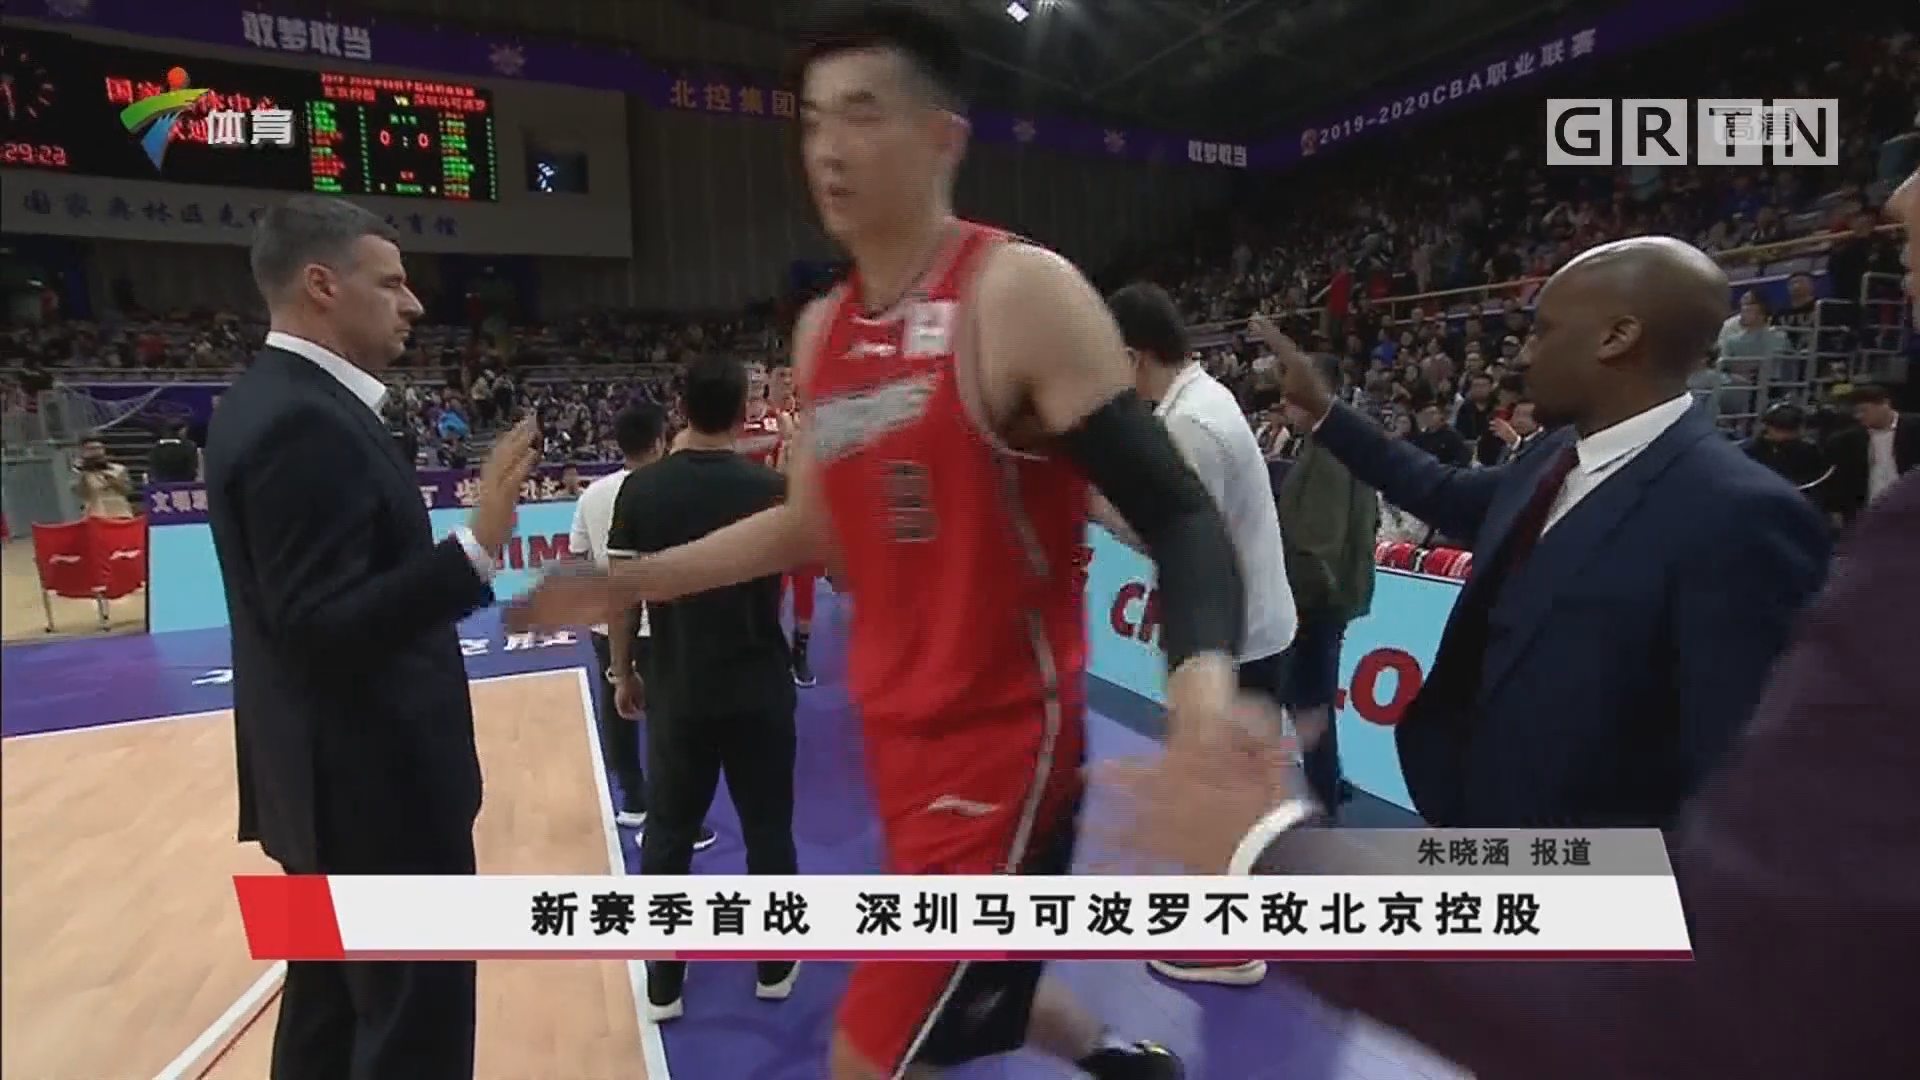 新赛季首战 深圳马可波罗不敌北京控股